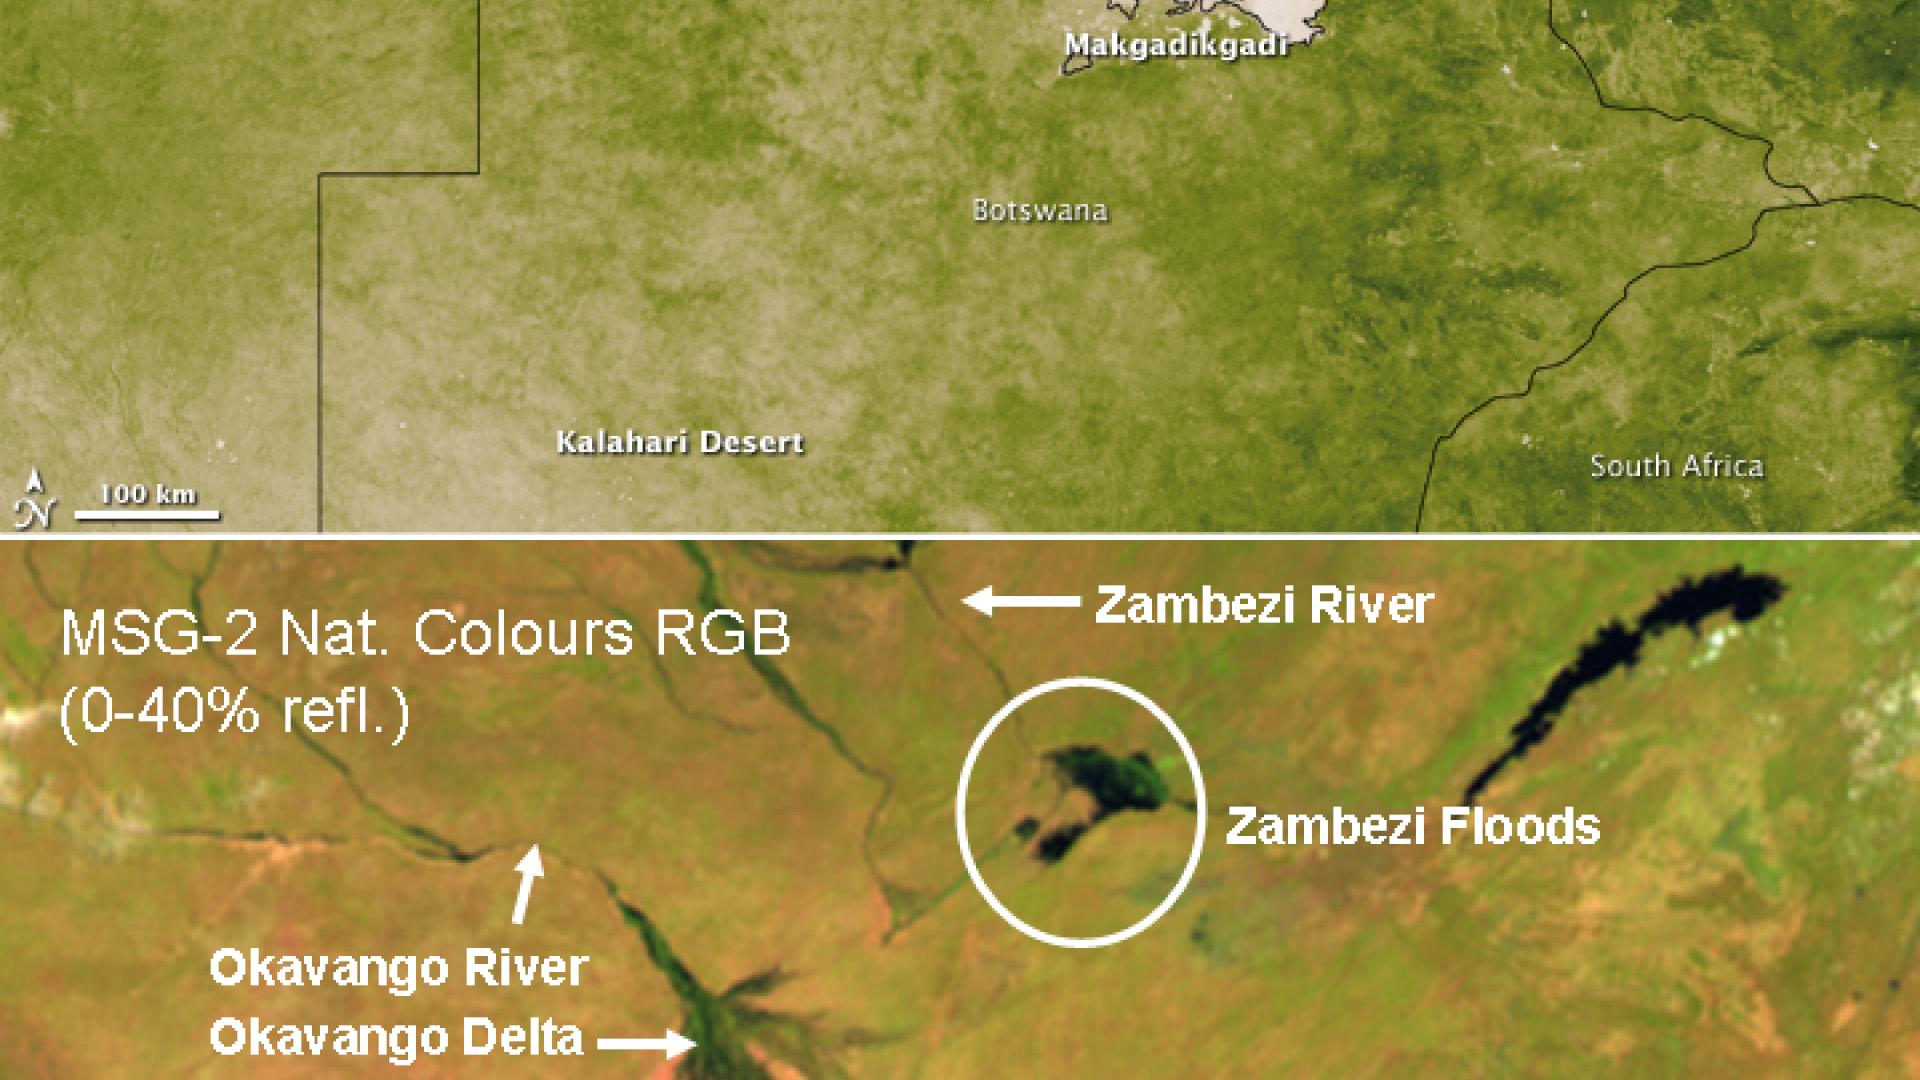 Zambezi floods